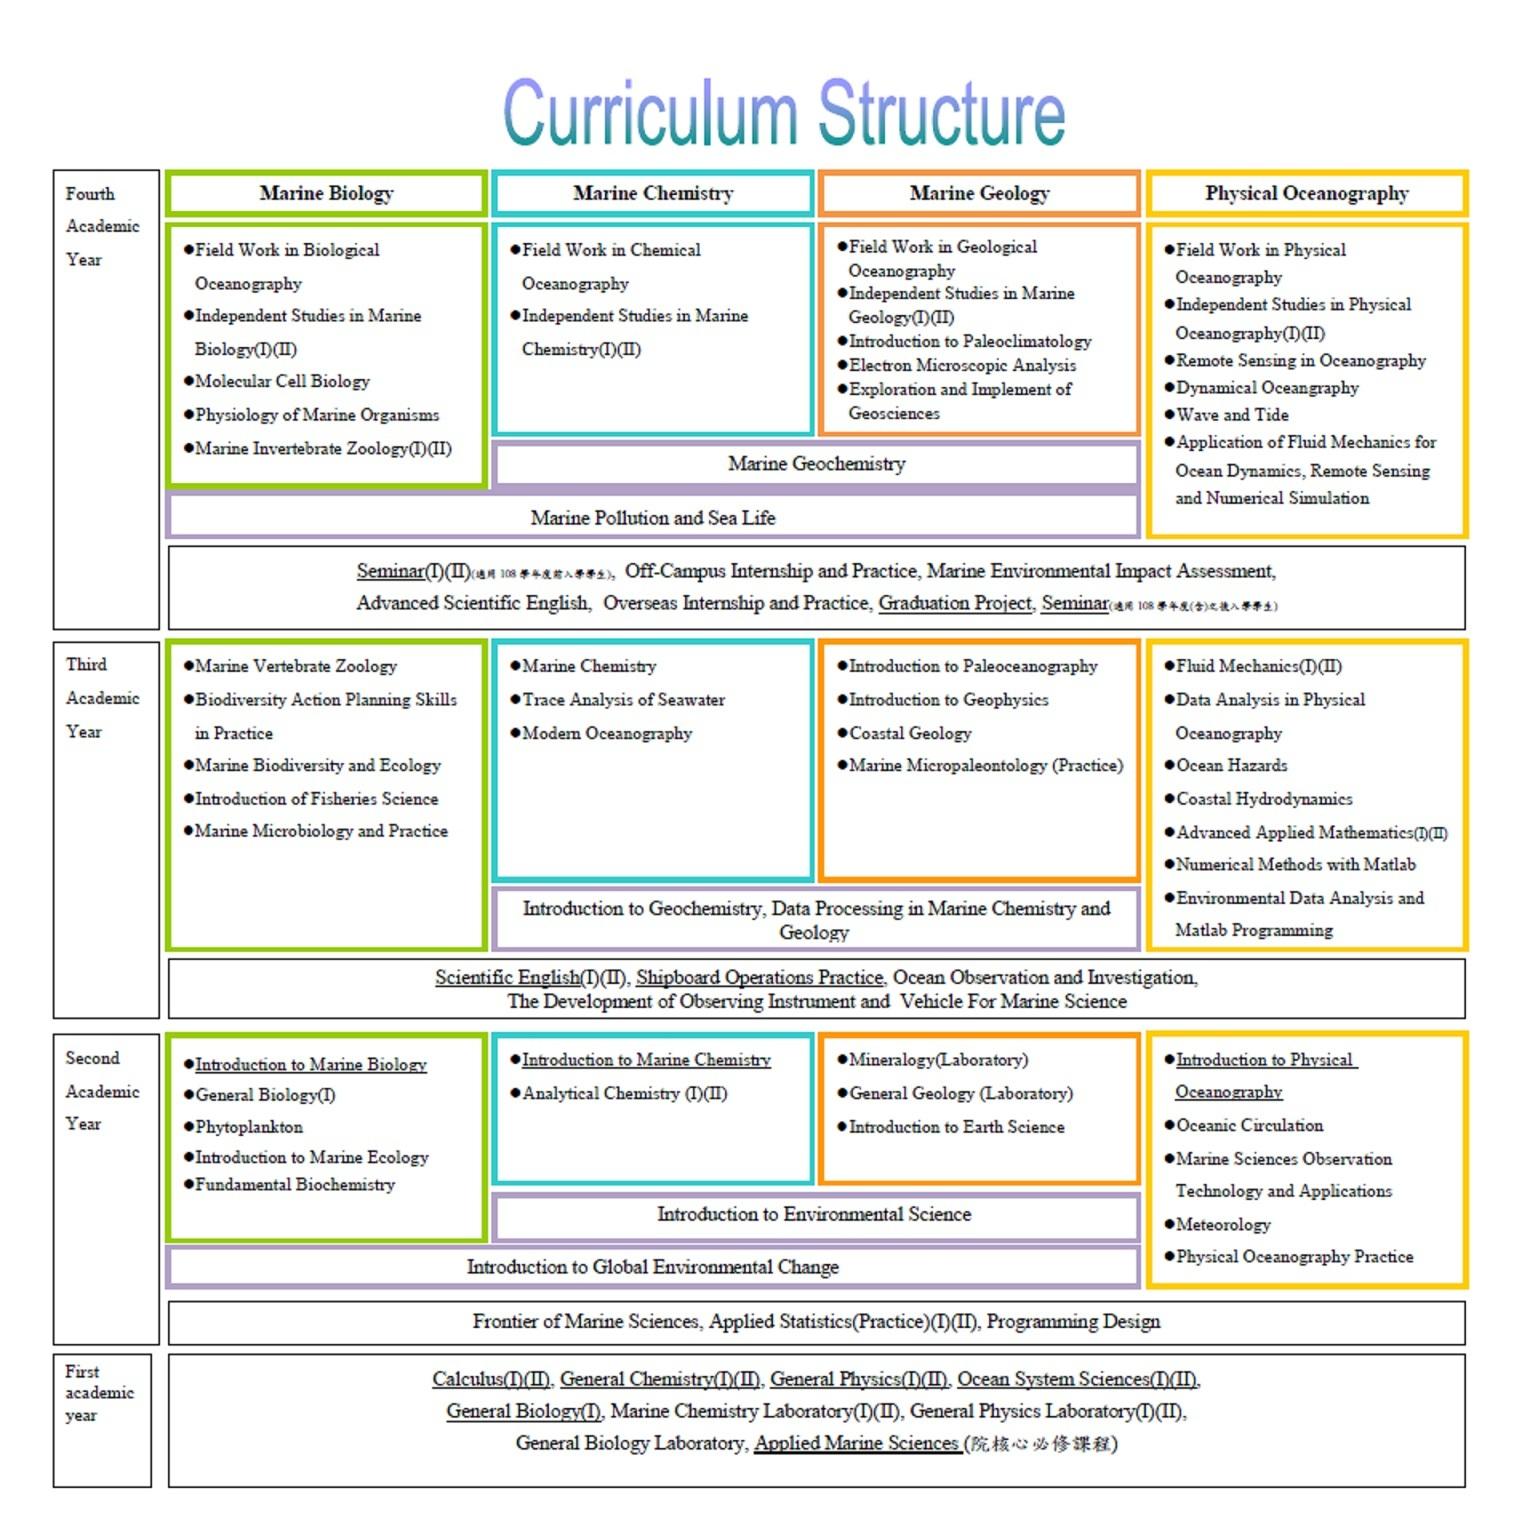 Diagram of the curriculum structure for the undergraduate program